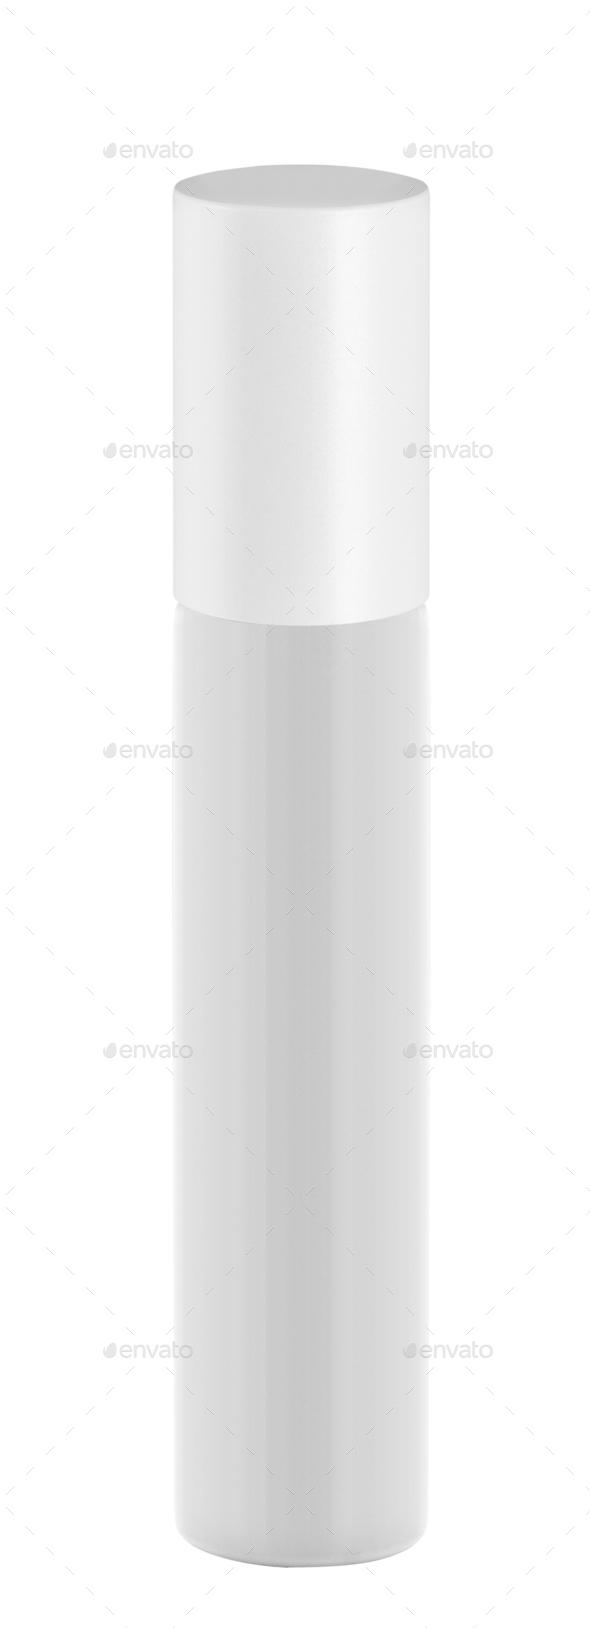 empty laboratory test tube - Stock Photo - Images